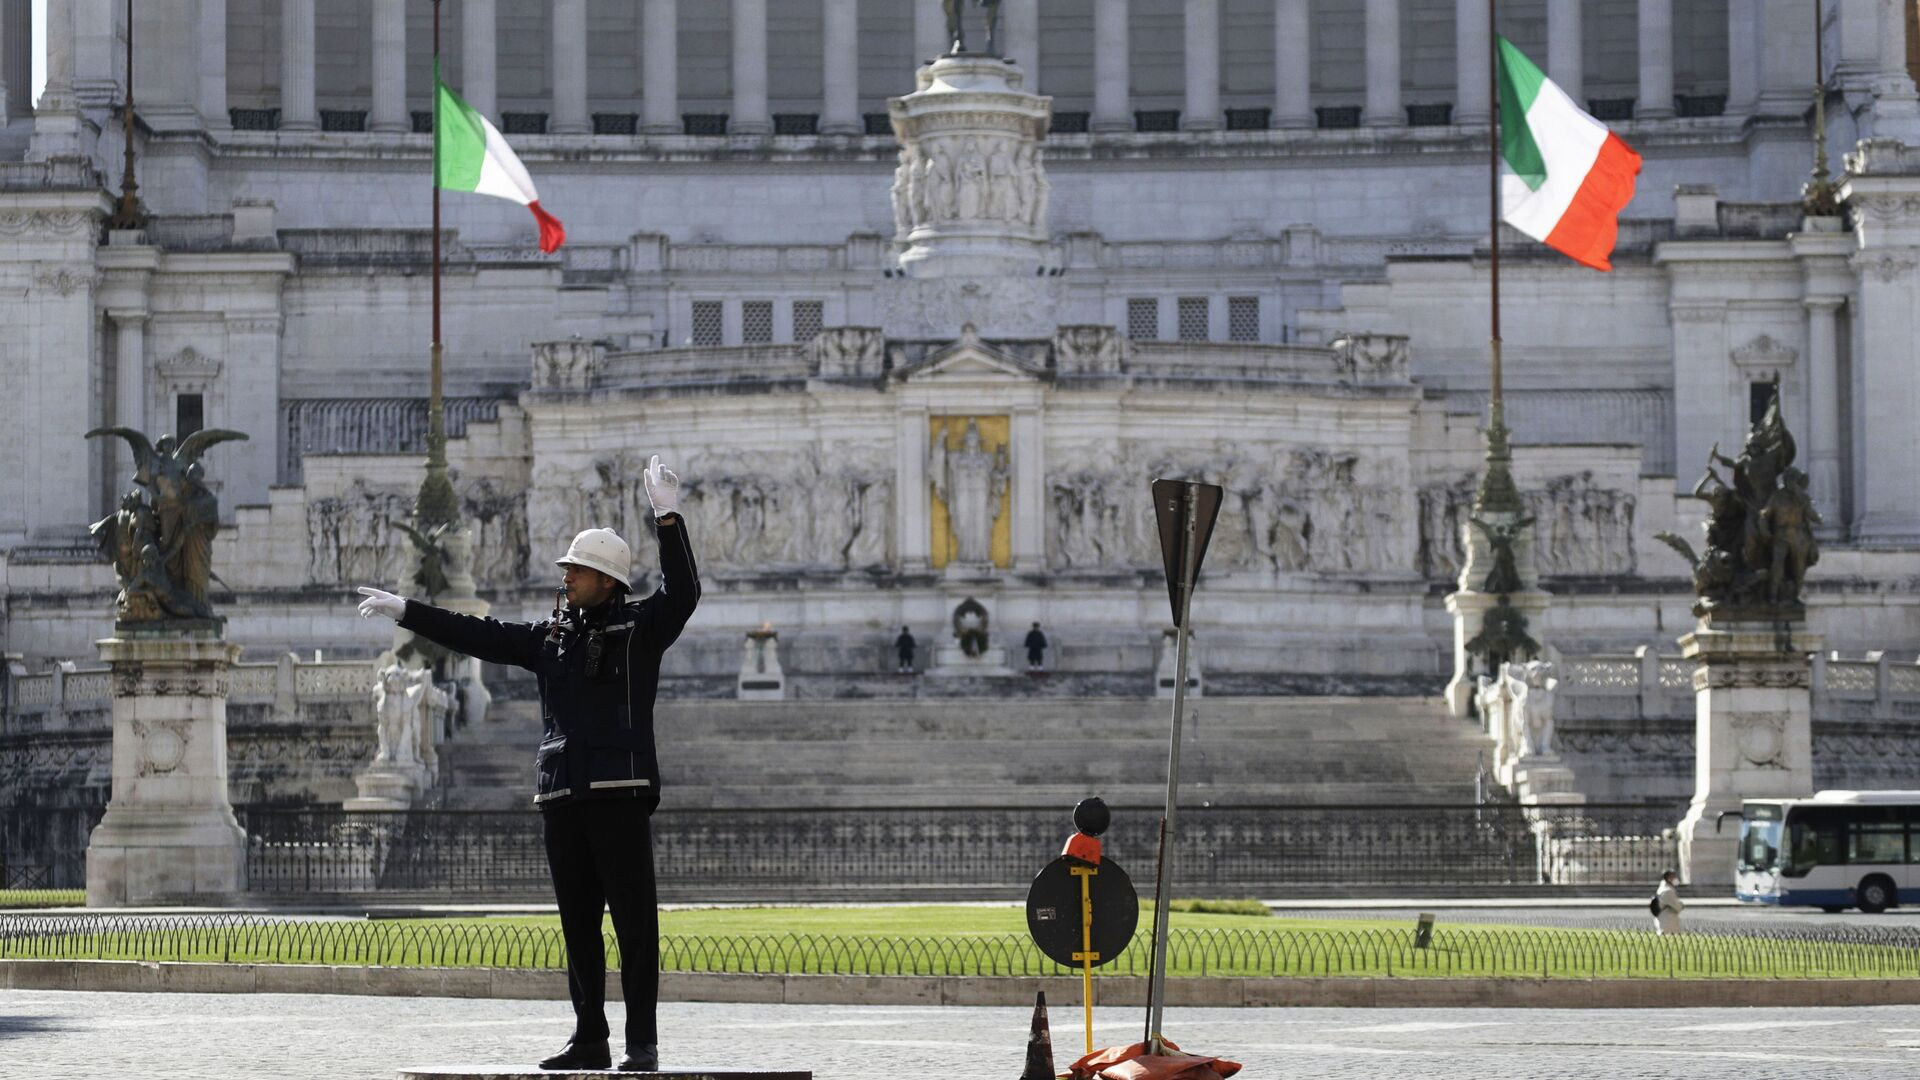 Сотрудник муниципальной полиции на площади Пьяцца Венеция в Риме, Италия - Sputnik Italia, 1920, 17.07.2021